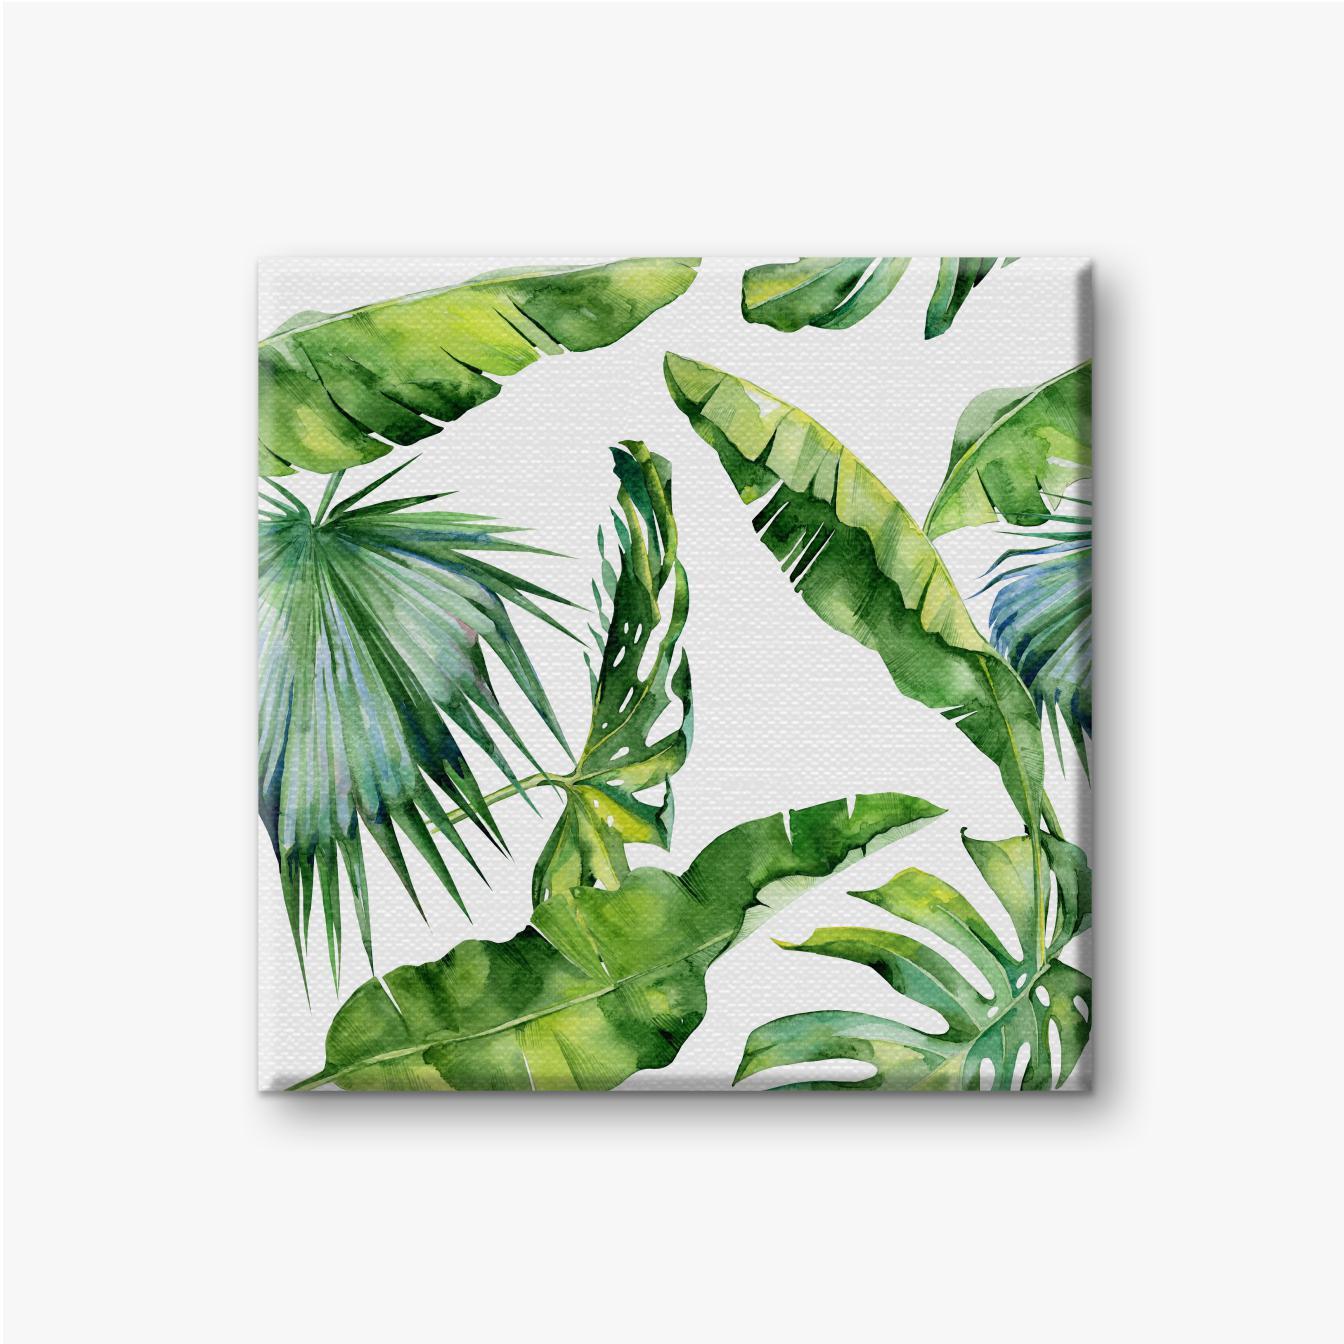 Leinwandbild Verschiedene exotische grüne Blätter